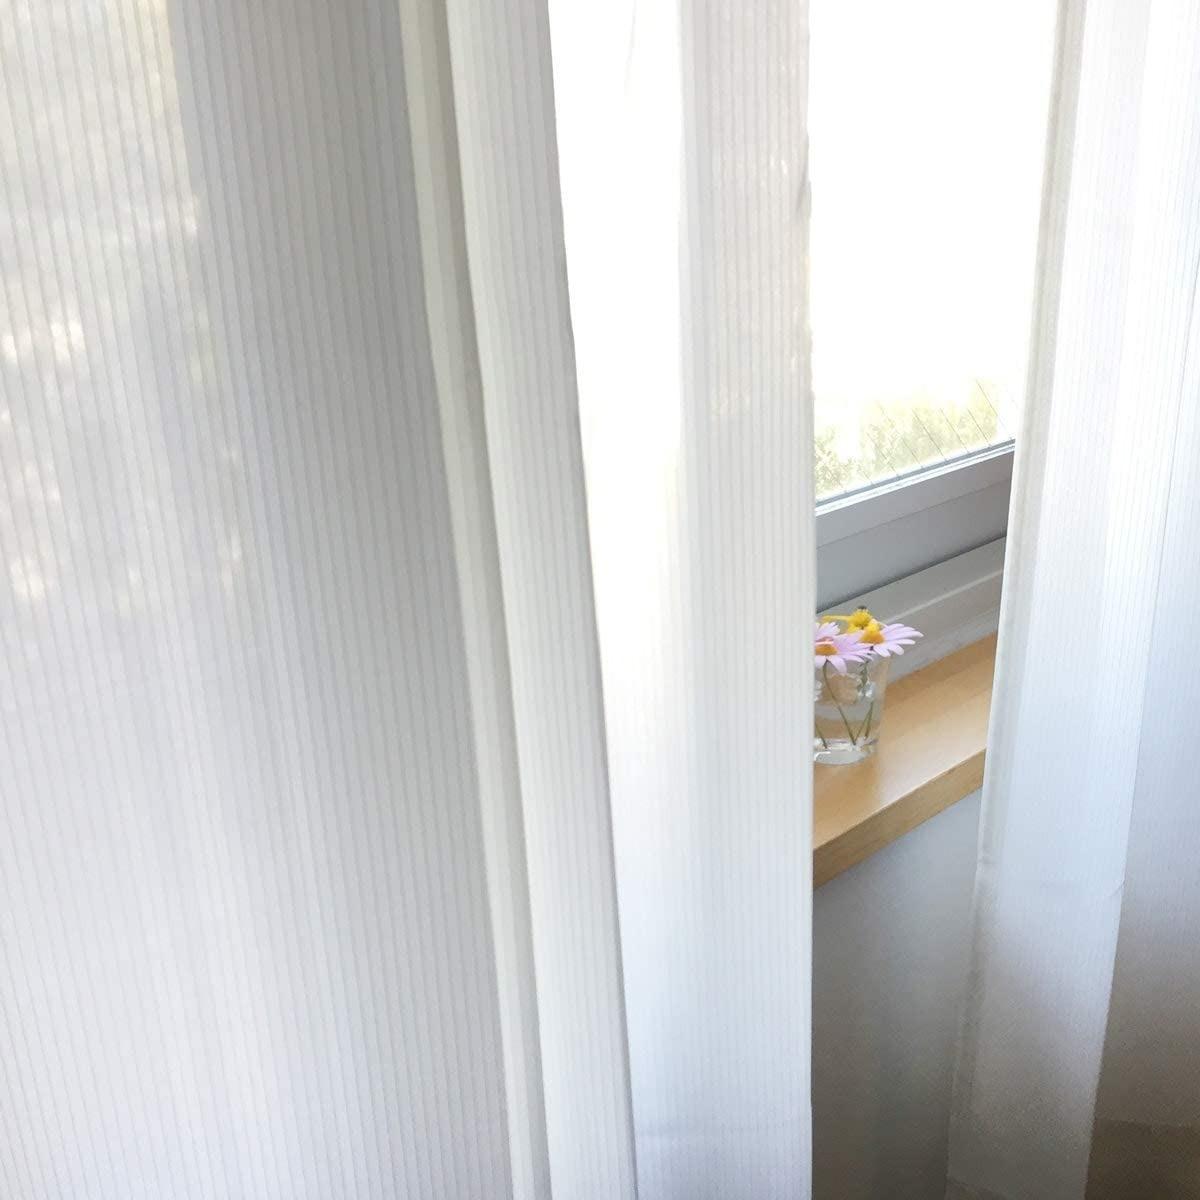 トリコ/アイボリー 遮像レースカーテン 遮熱・保温 UVカット 涼しや 形状記憶加工 ウォッシャブル カーテン 2枚入 / Aフック サイズ(幅×丈):150×176cm ksol-001-150-176